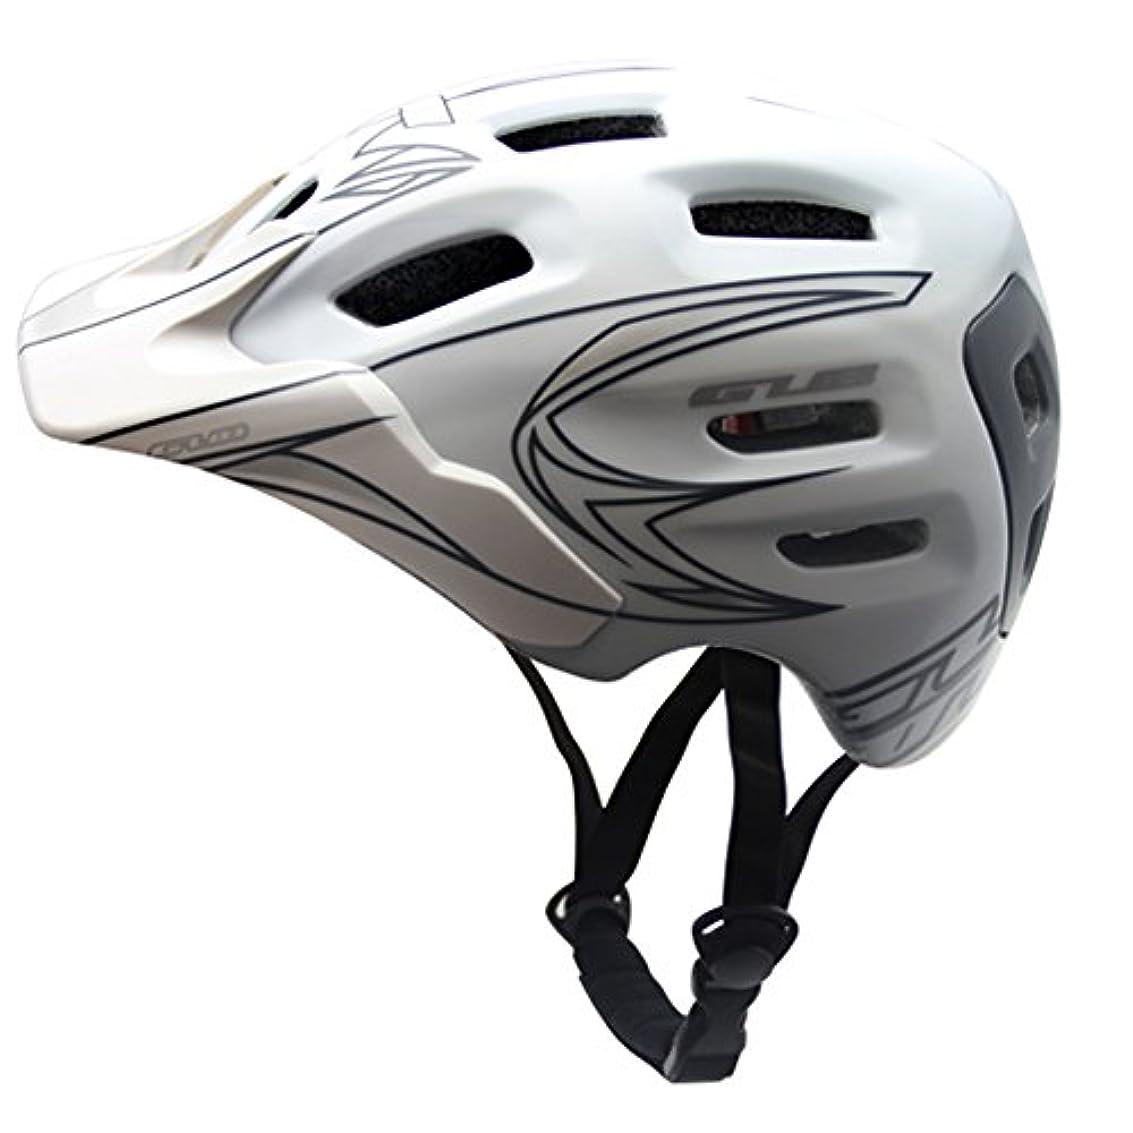 パンチ脚本家テストK-outdoor ライディングヘルメット 自転車ヘルメット マウンテンバイクヘルメット スポーツプロテクター ホワイトM